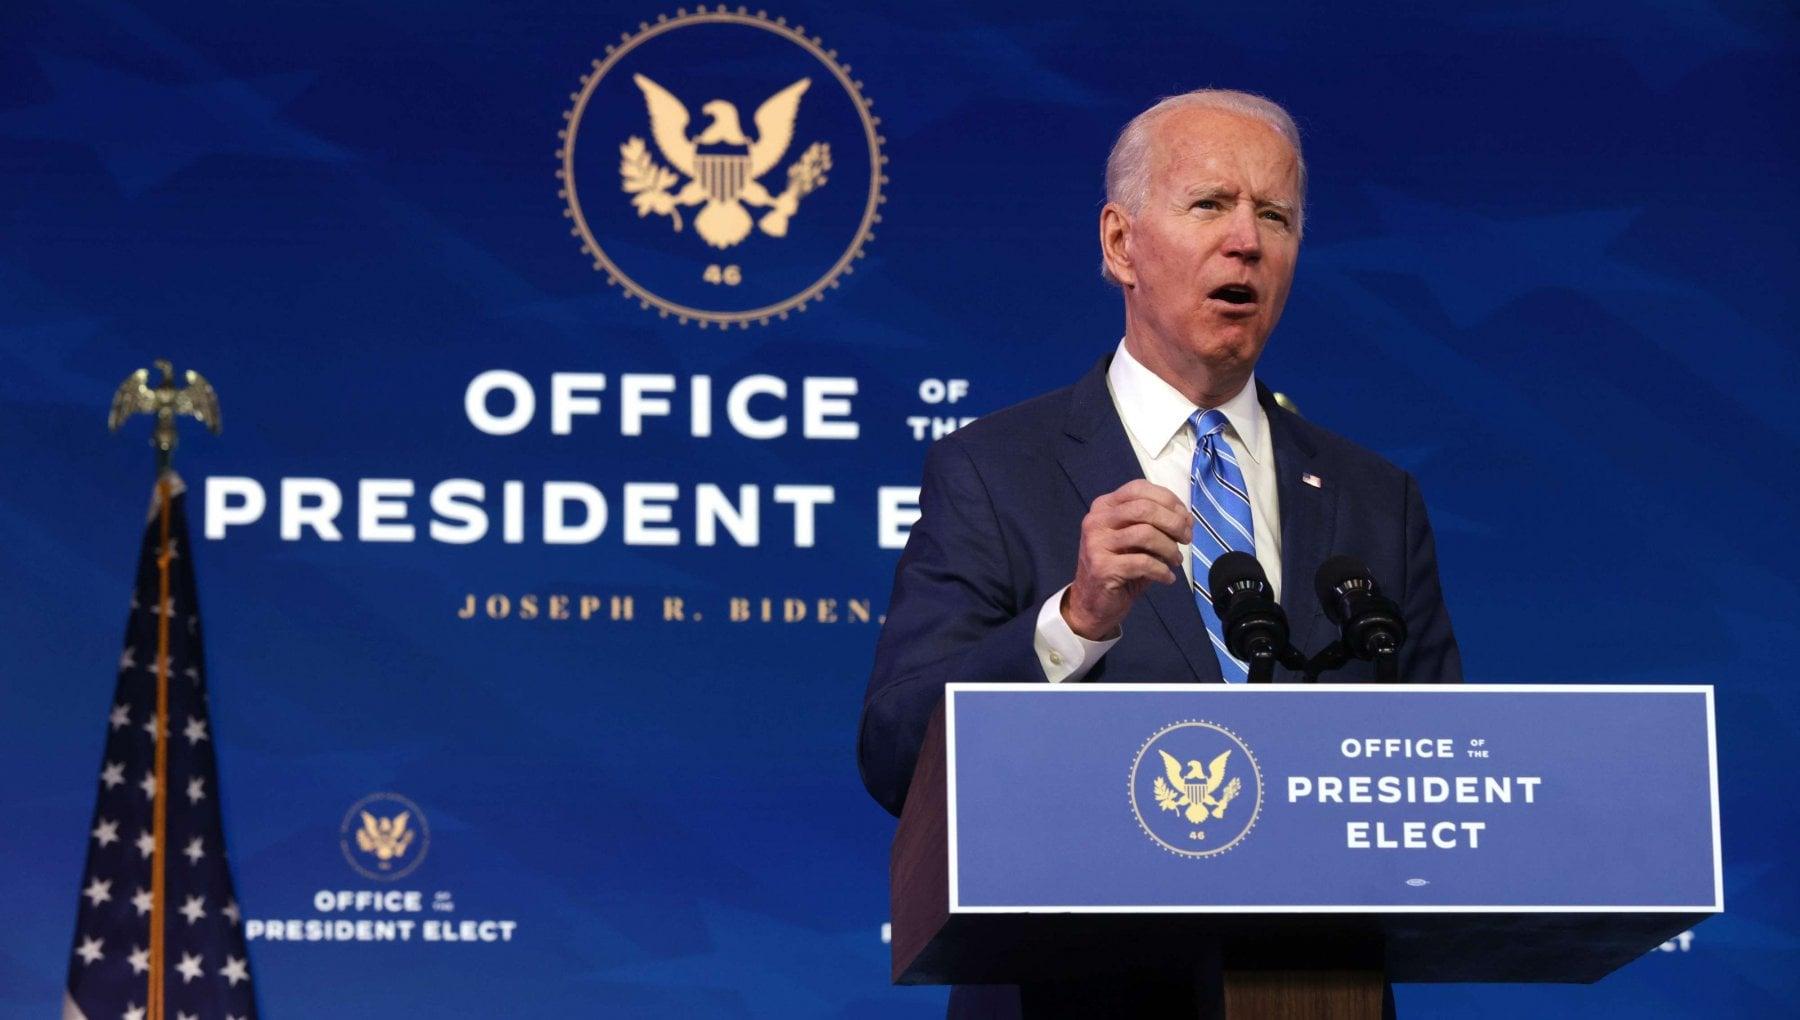 Stati Uniti ecco la manovra Biden 1.900 miliardi contro pandemia e recessione